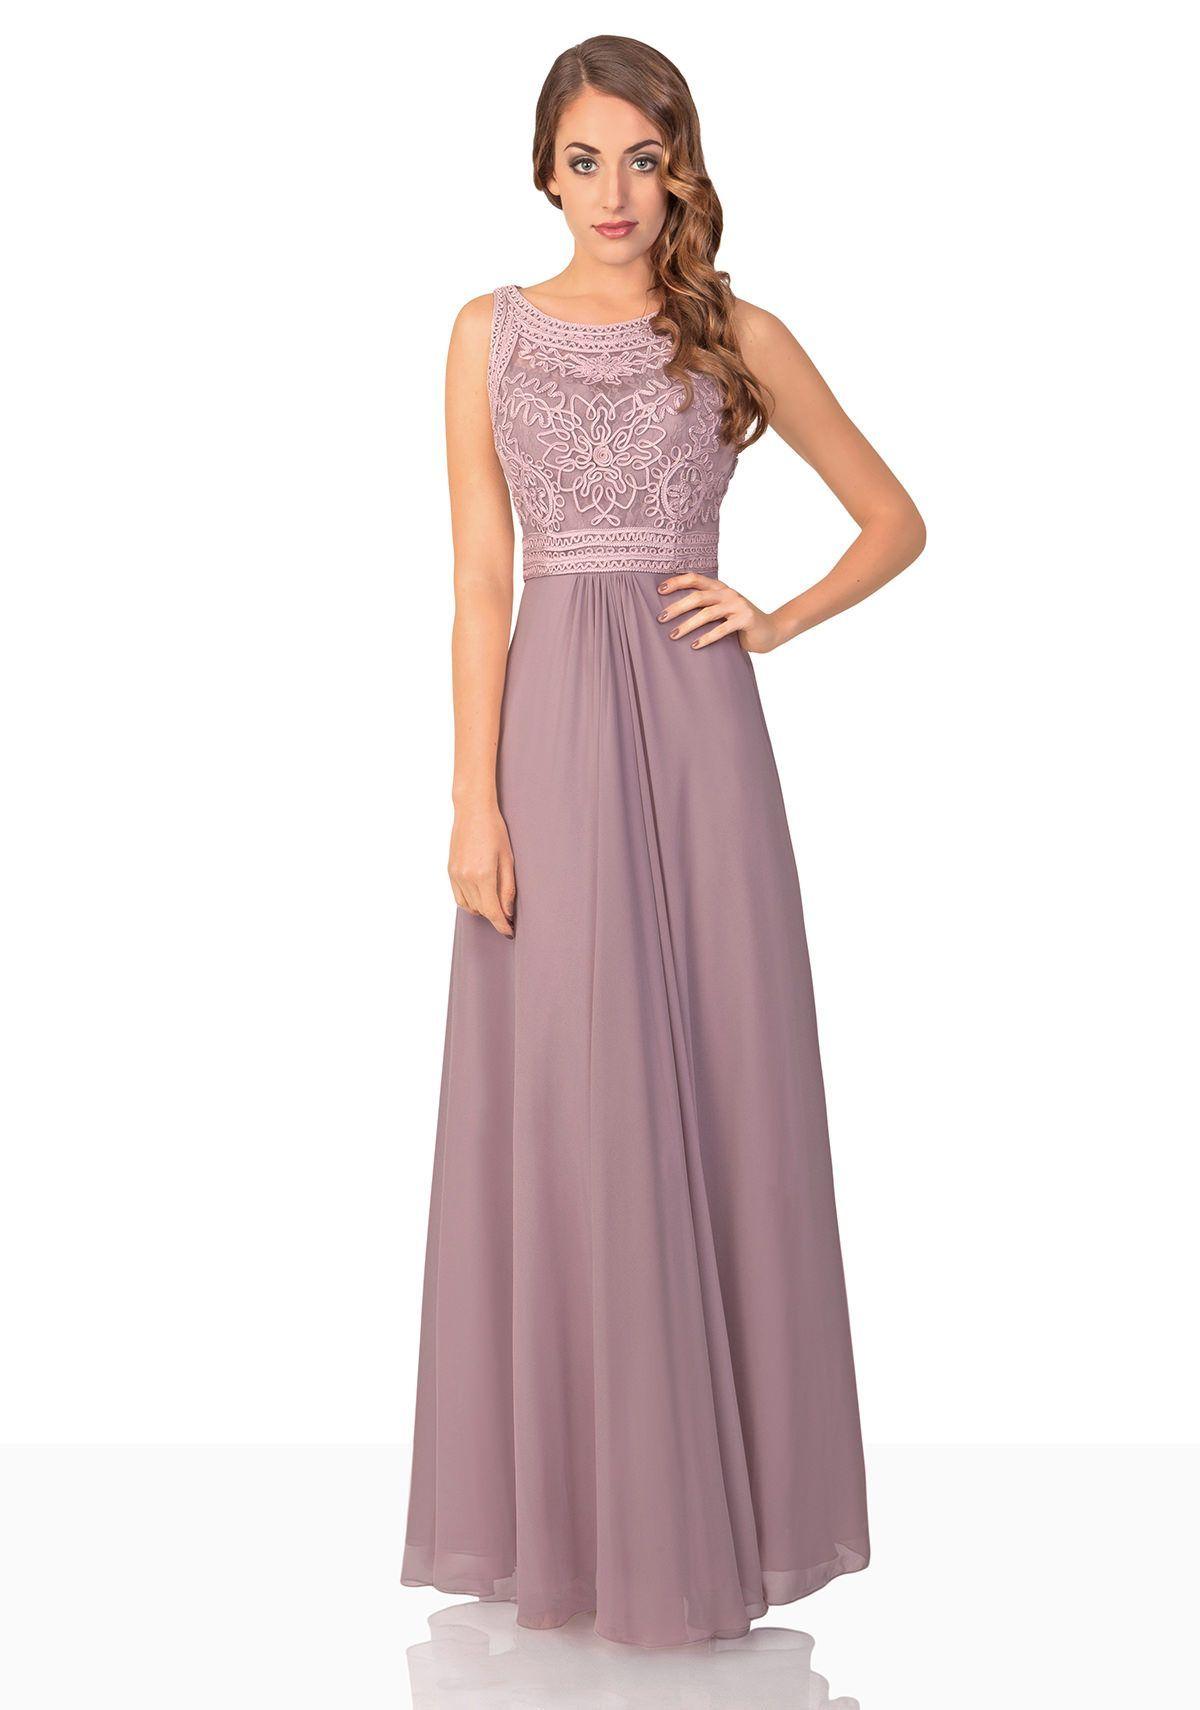 Abendkleider Altrosa Kleid Altrosa Abendkleid Altrosa Abendkleid